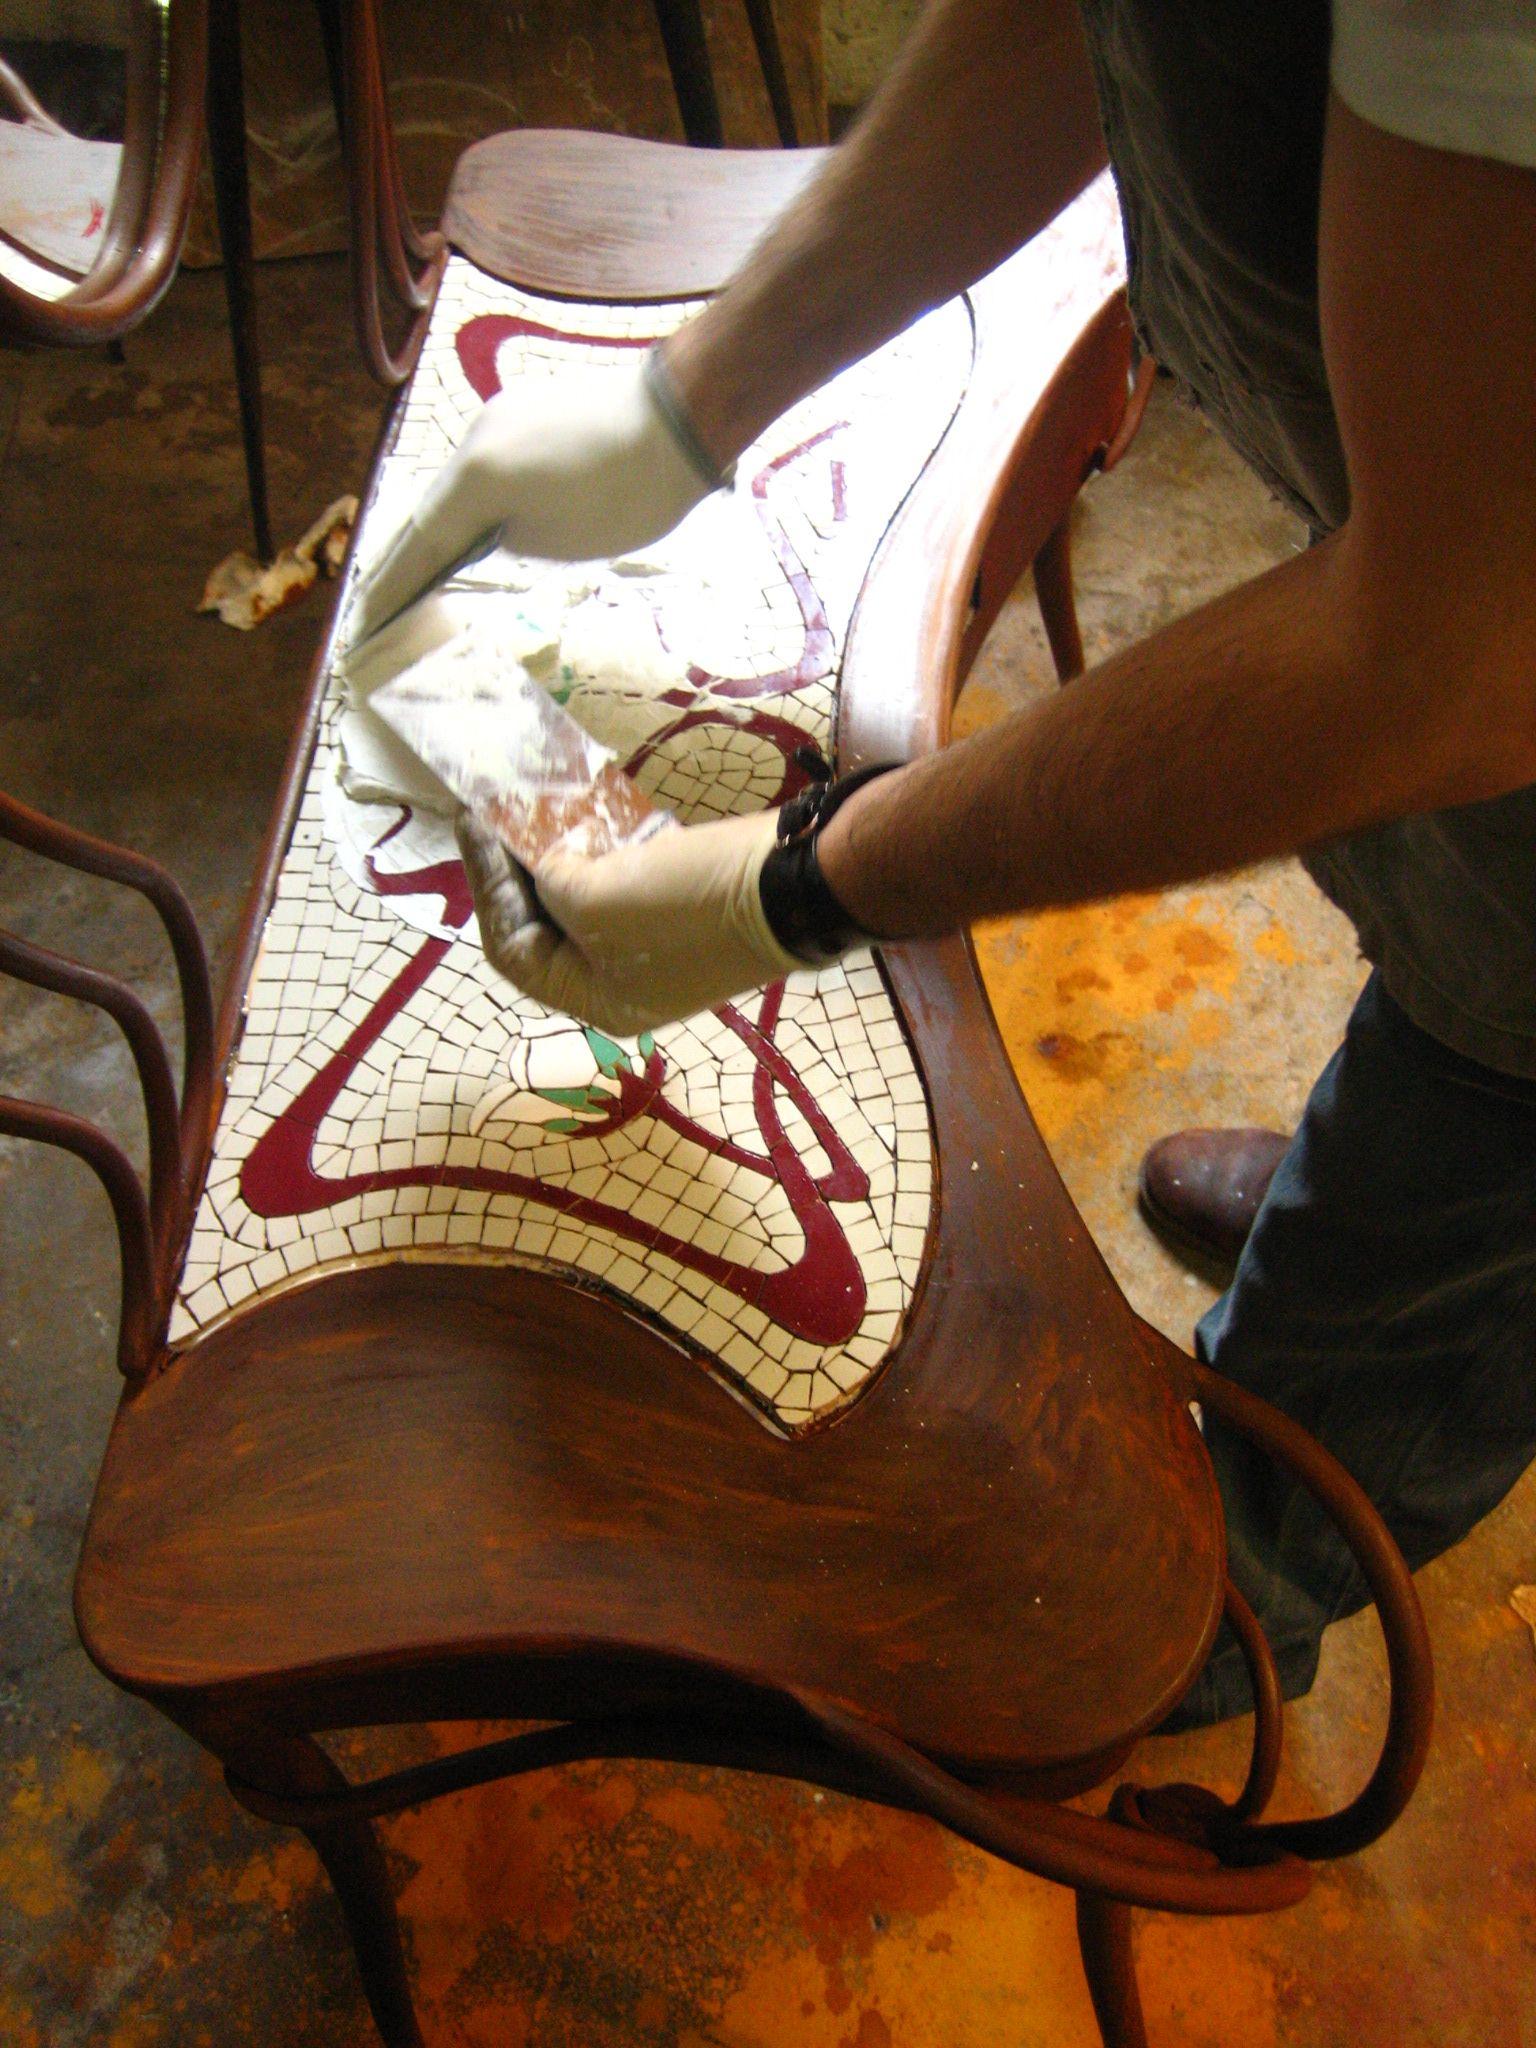 Tocador, colocación de mosaico. Creado por Josep Zorrilla (http://www.jzmosaics.com/) y Diego Polognioli, 2004